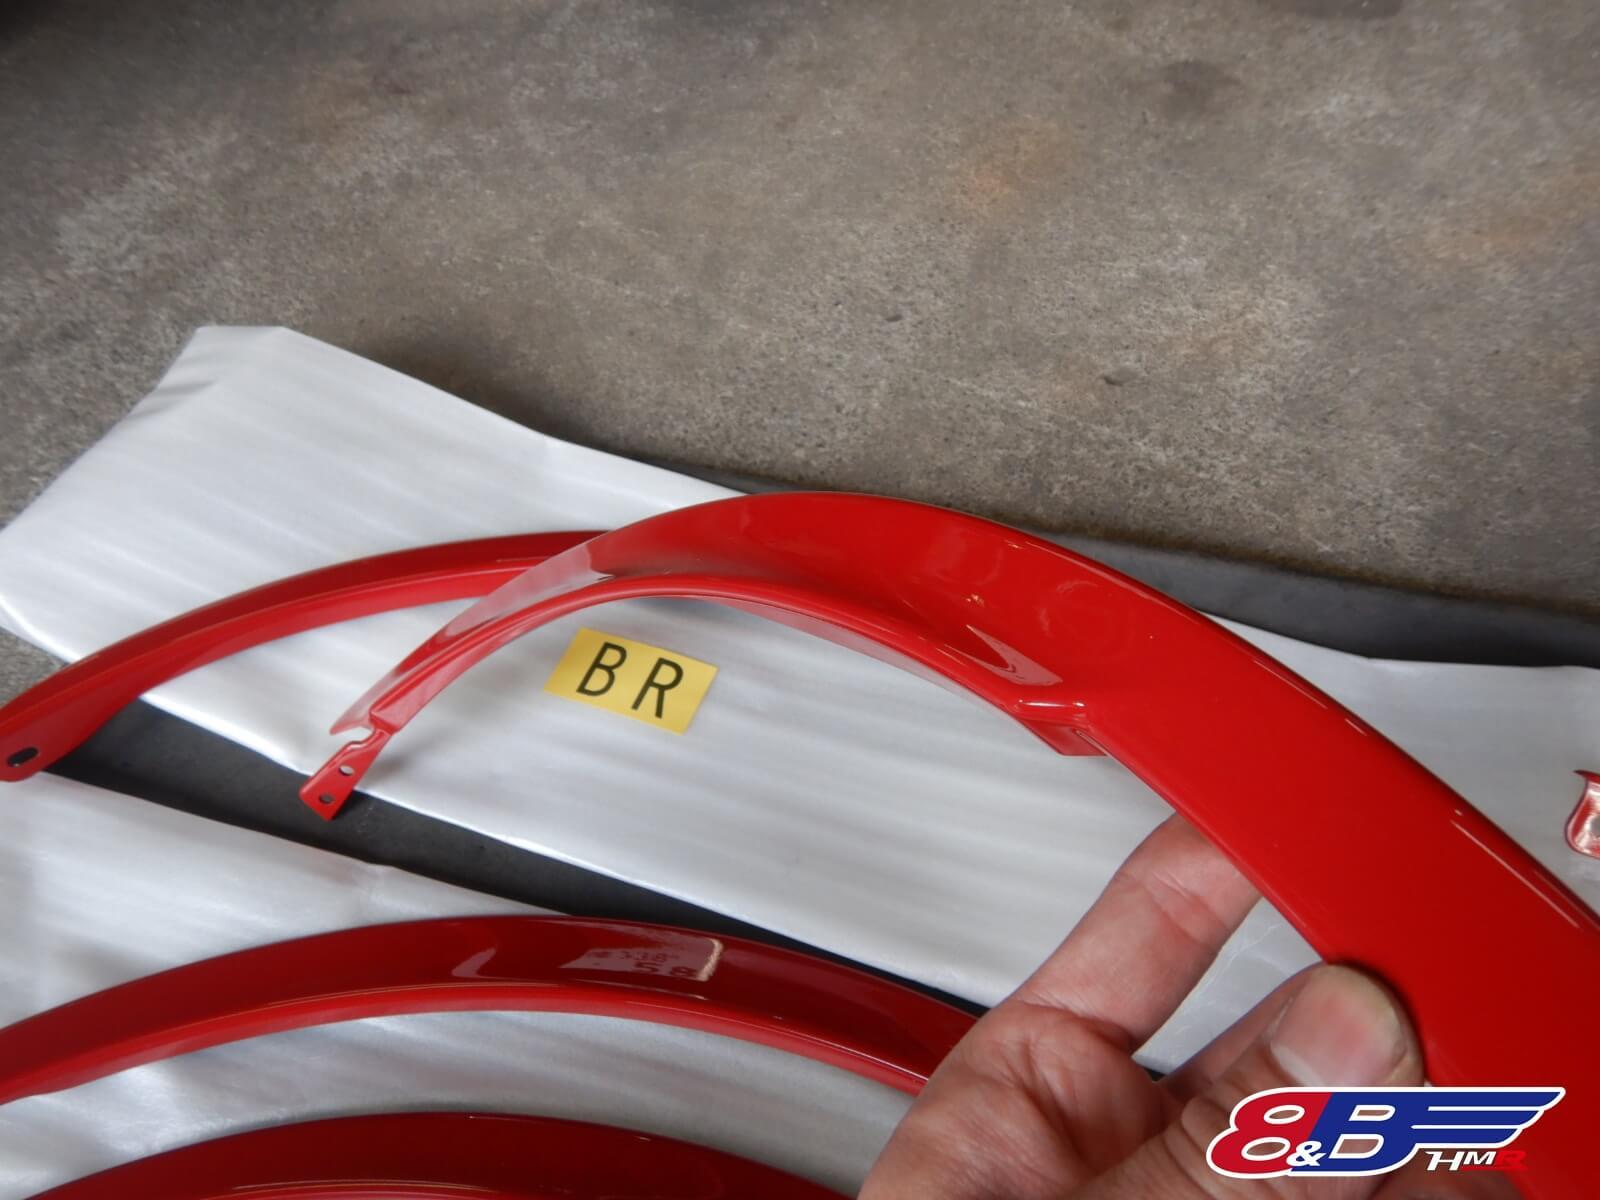 86・BRZ ローダウン TRDフェンダーエクステンション ツライチ